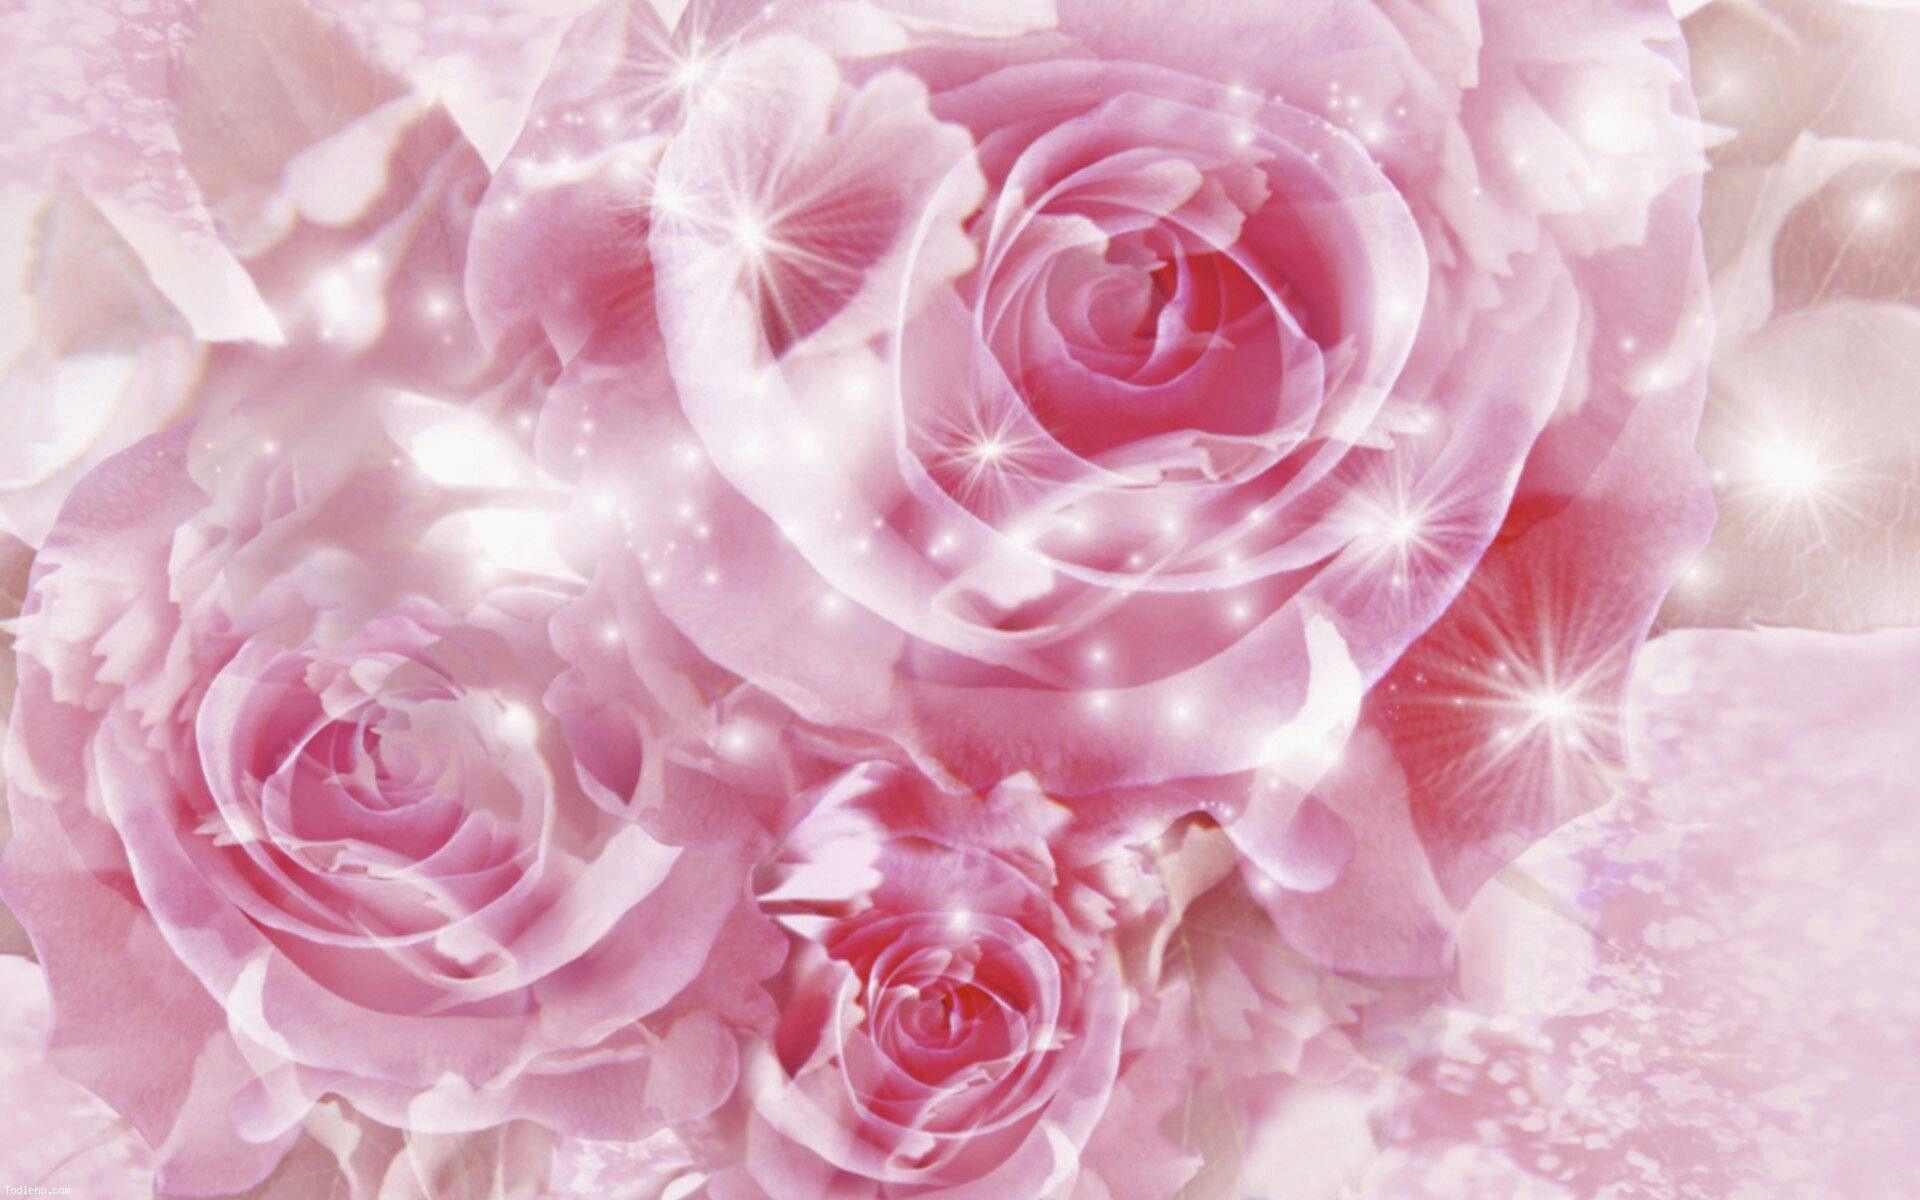 Shining Pink Roses Pink Flowers Wallpaper Beautiful Pink Roses Flower Wallpaper